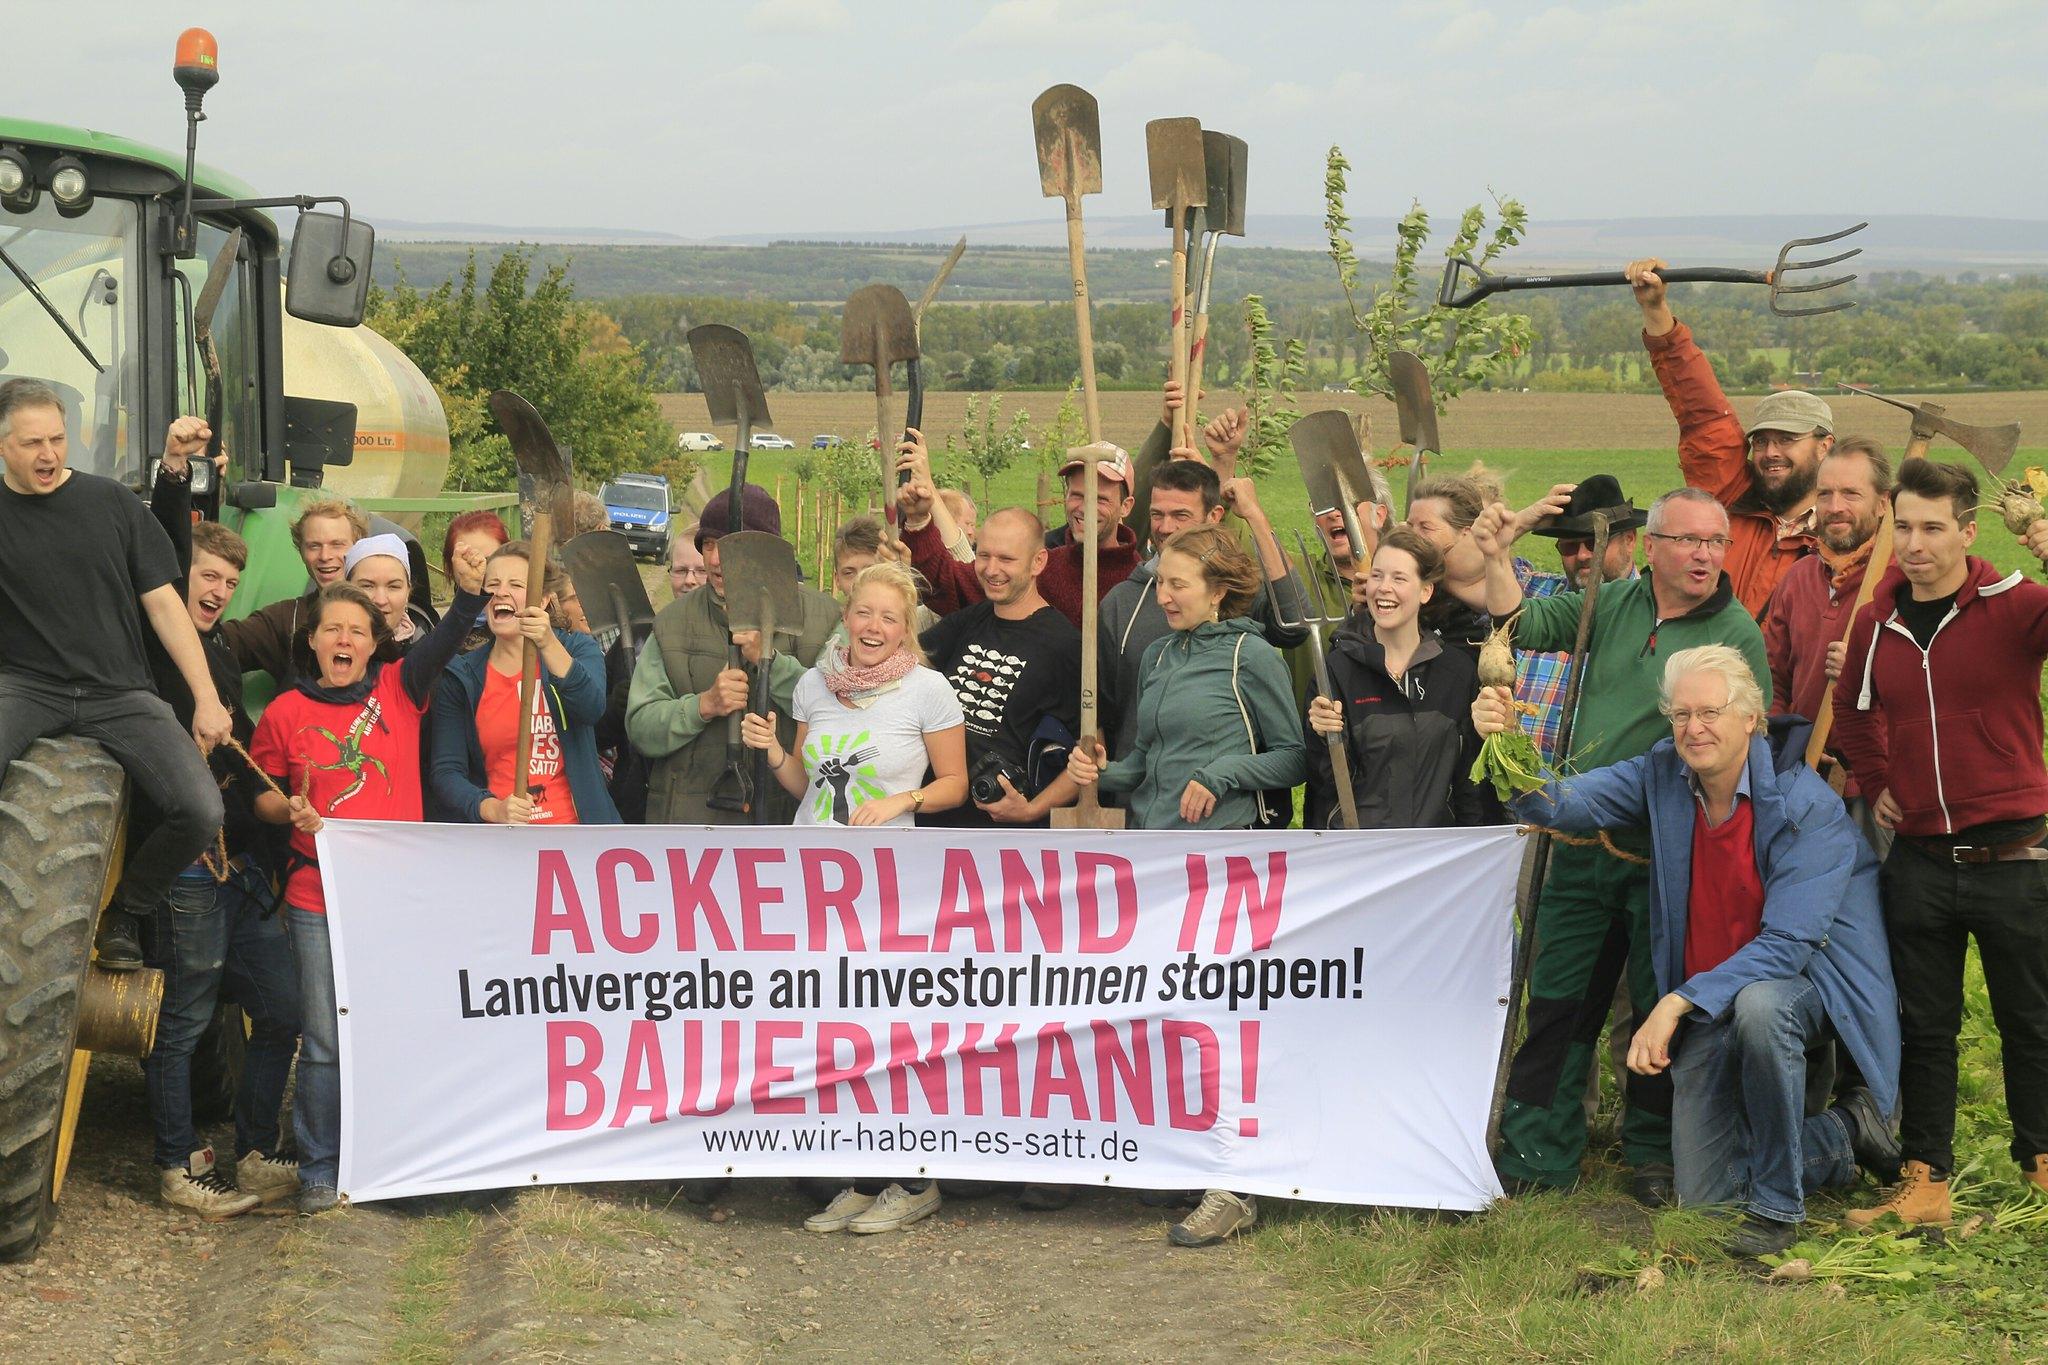 AbL Ackerland in Bauernhad 2